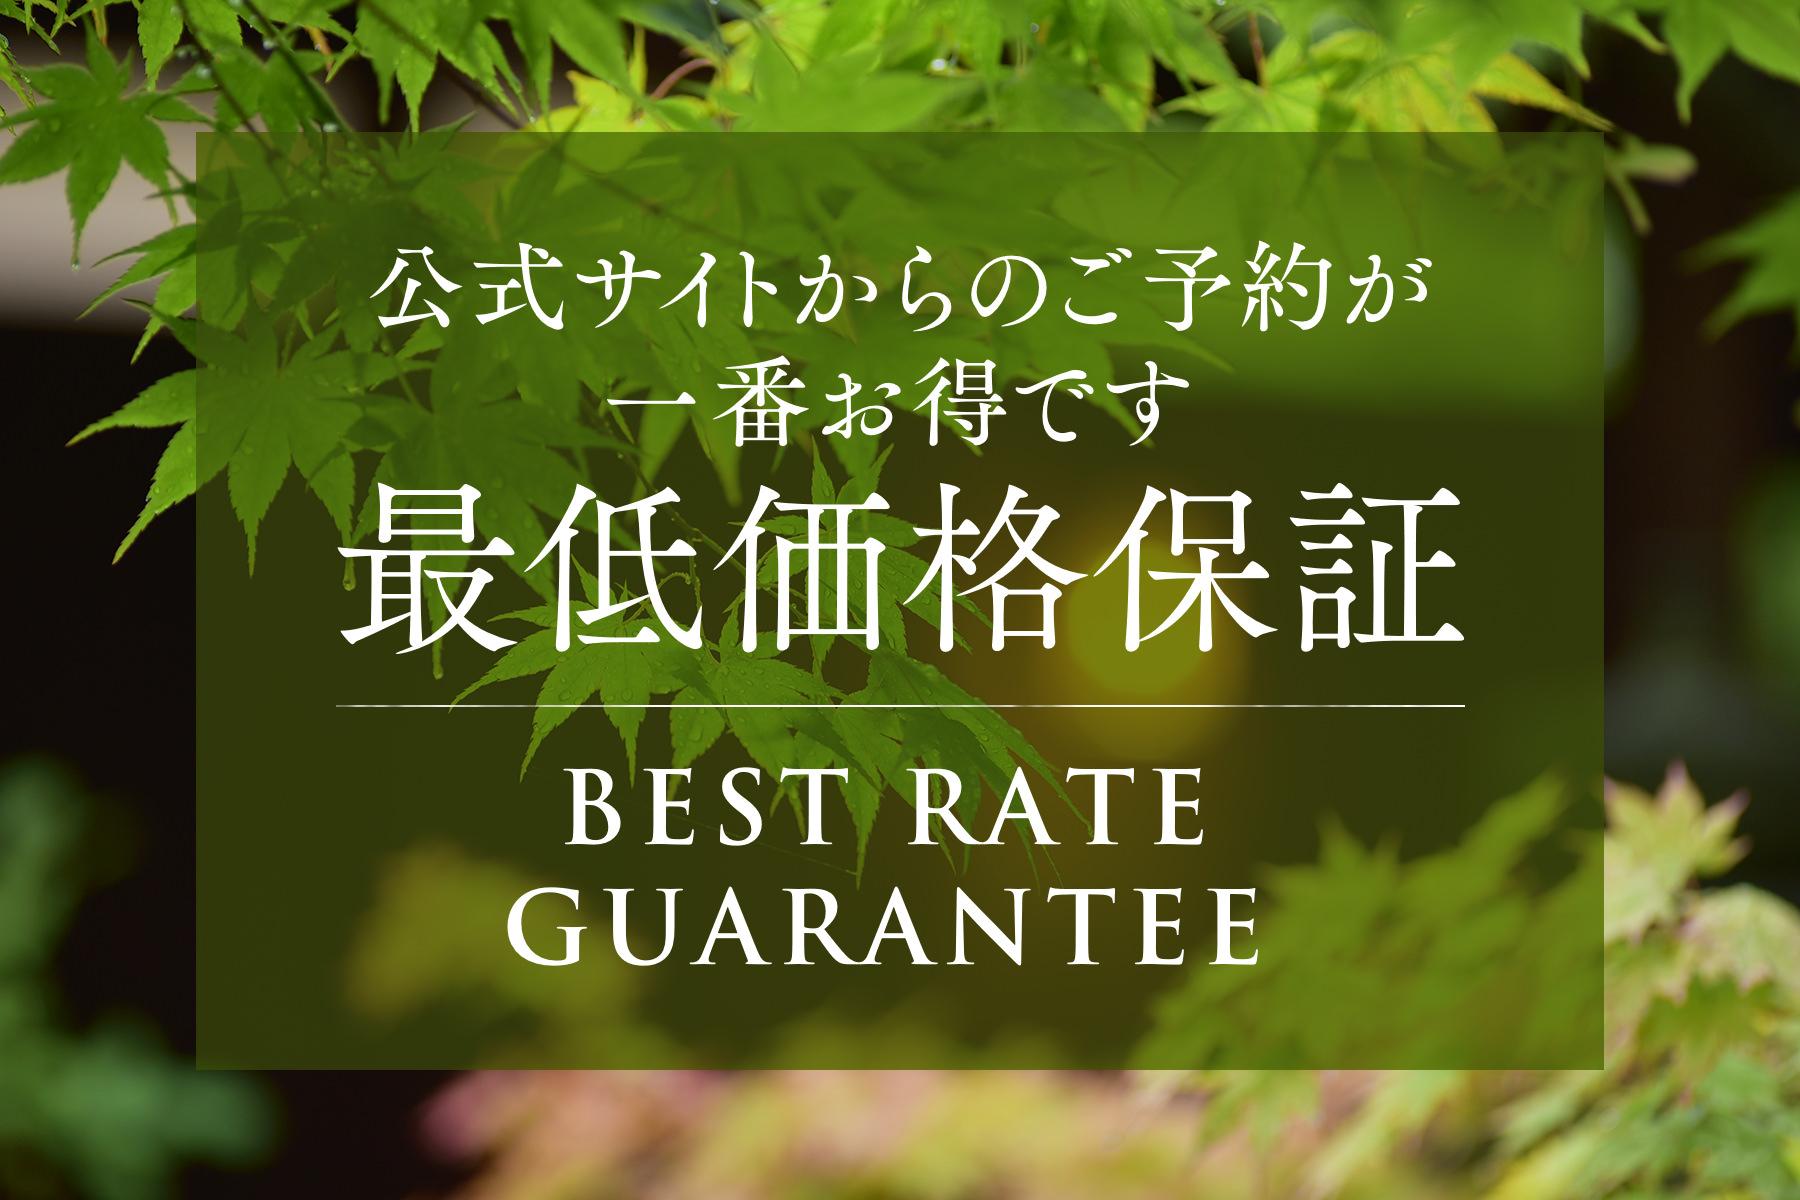 公式サイト 最低価格保証&予約特典